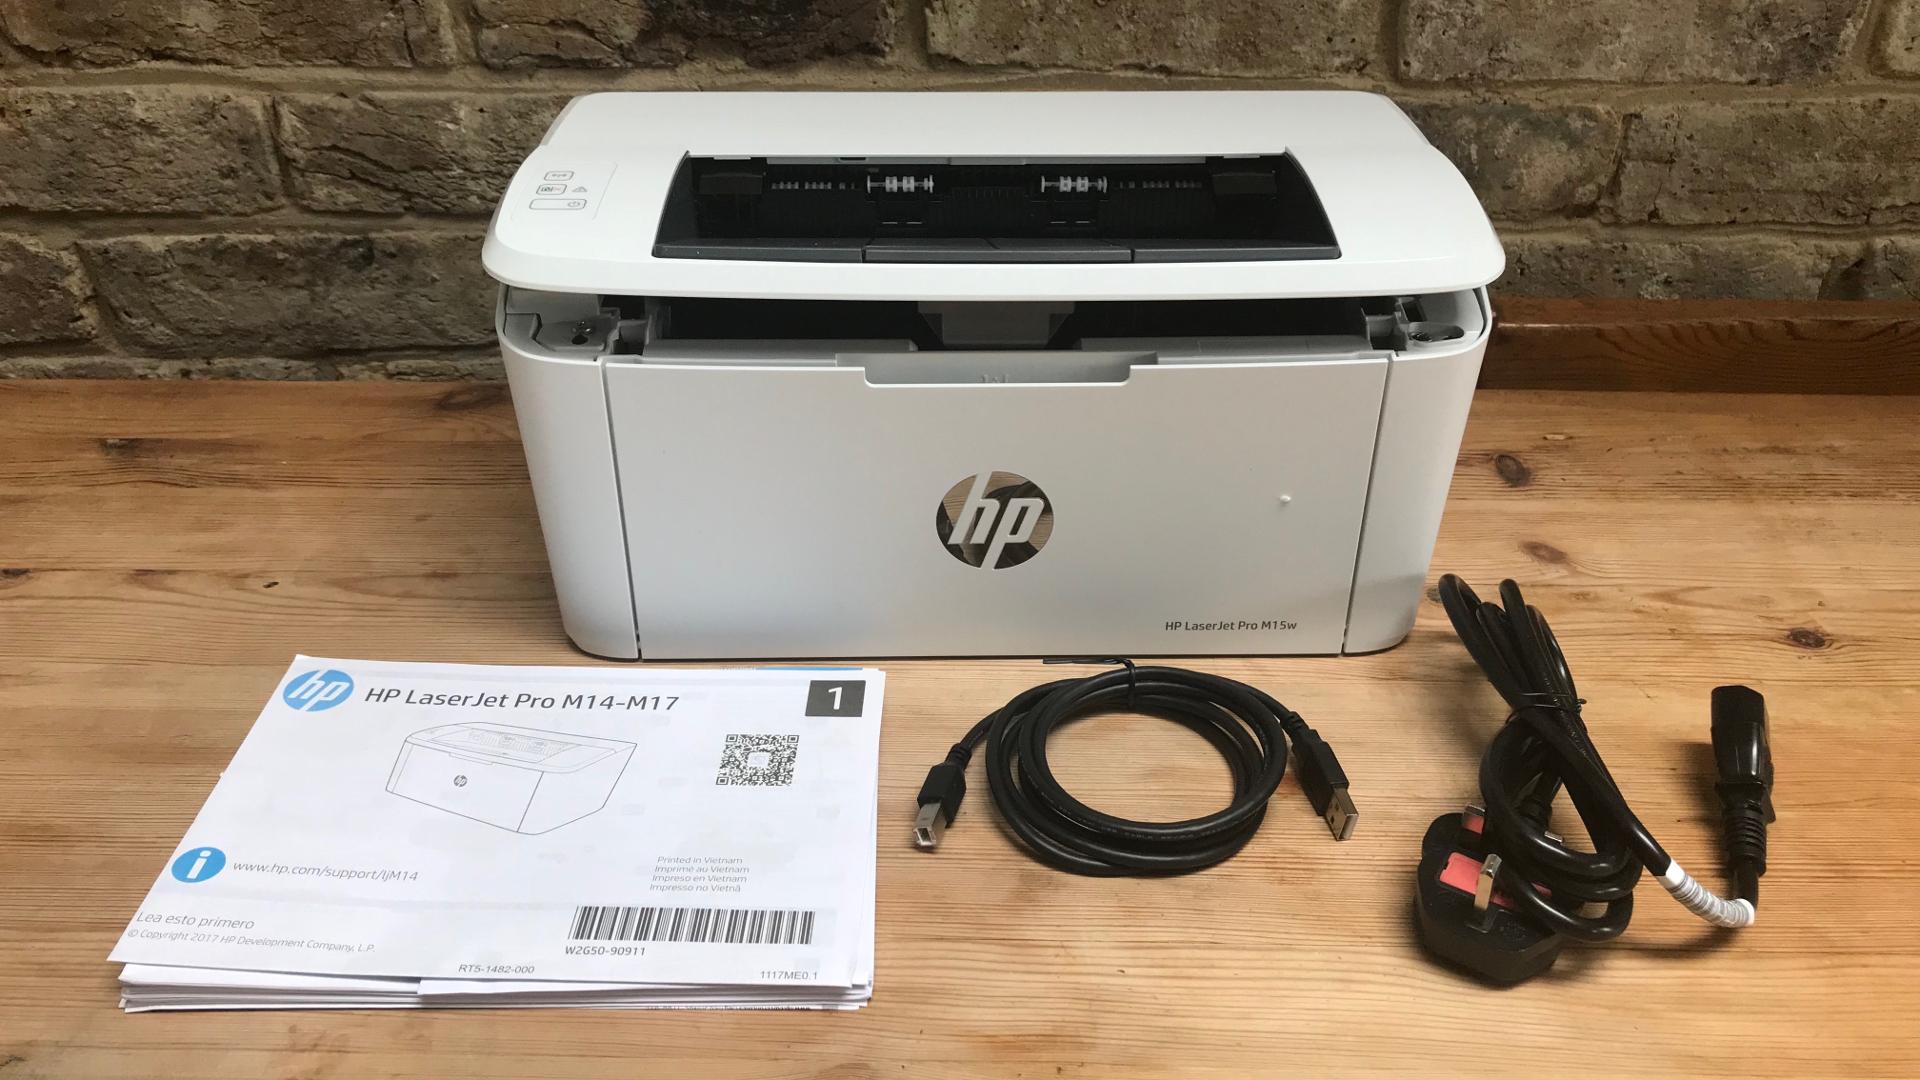 HP LaserJet Pro M15w accessories